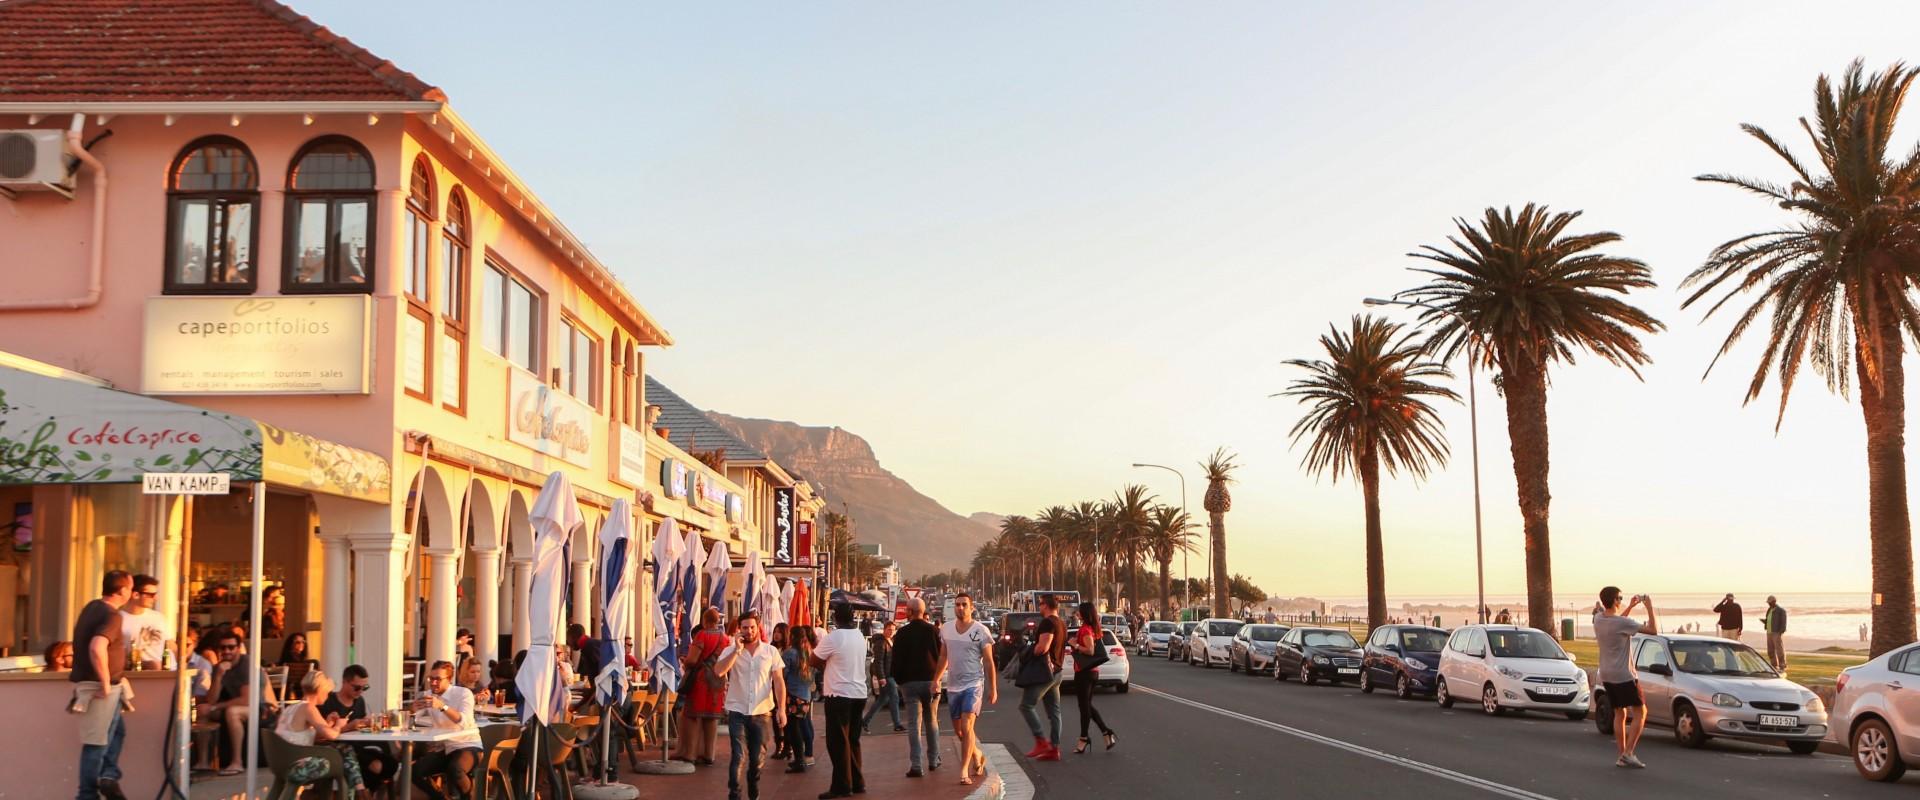 Café Caprice - Top 5 Beach Bars in Cape Town